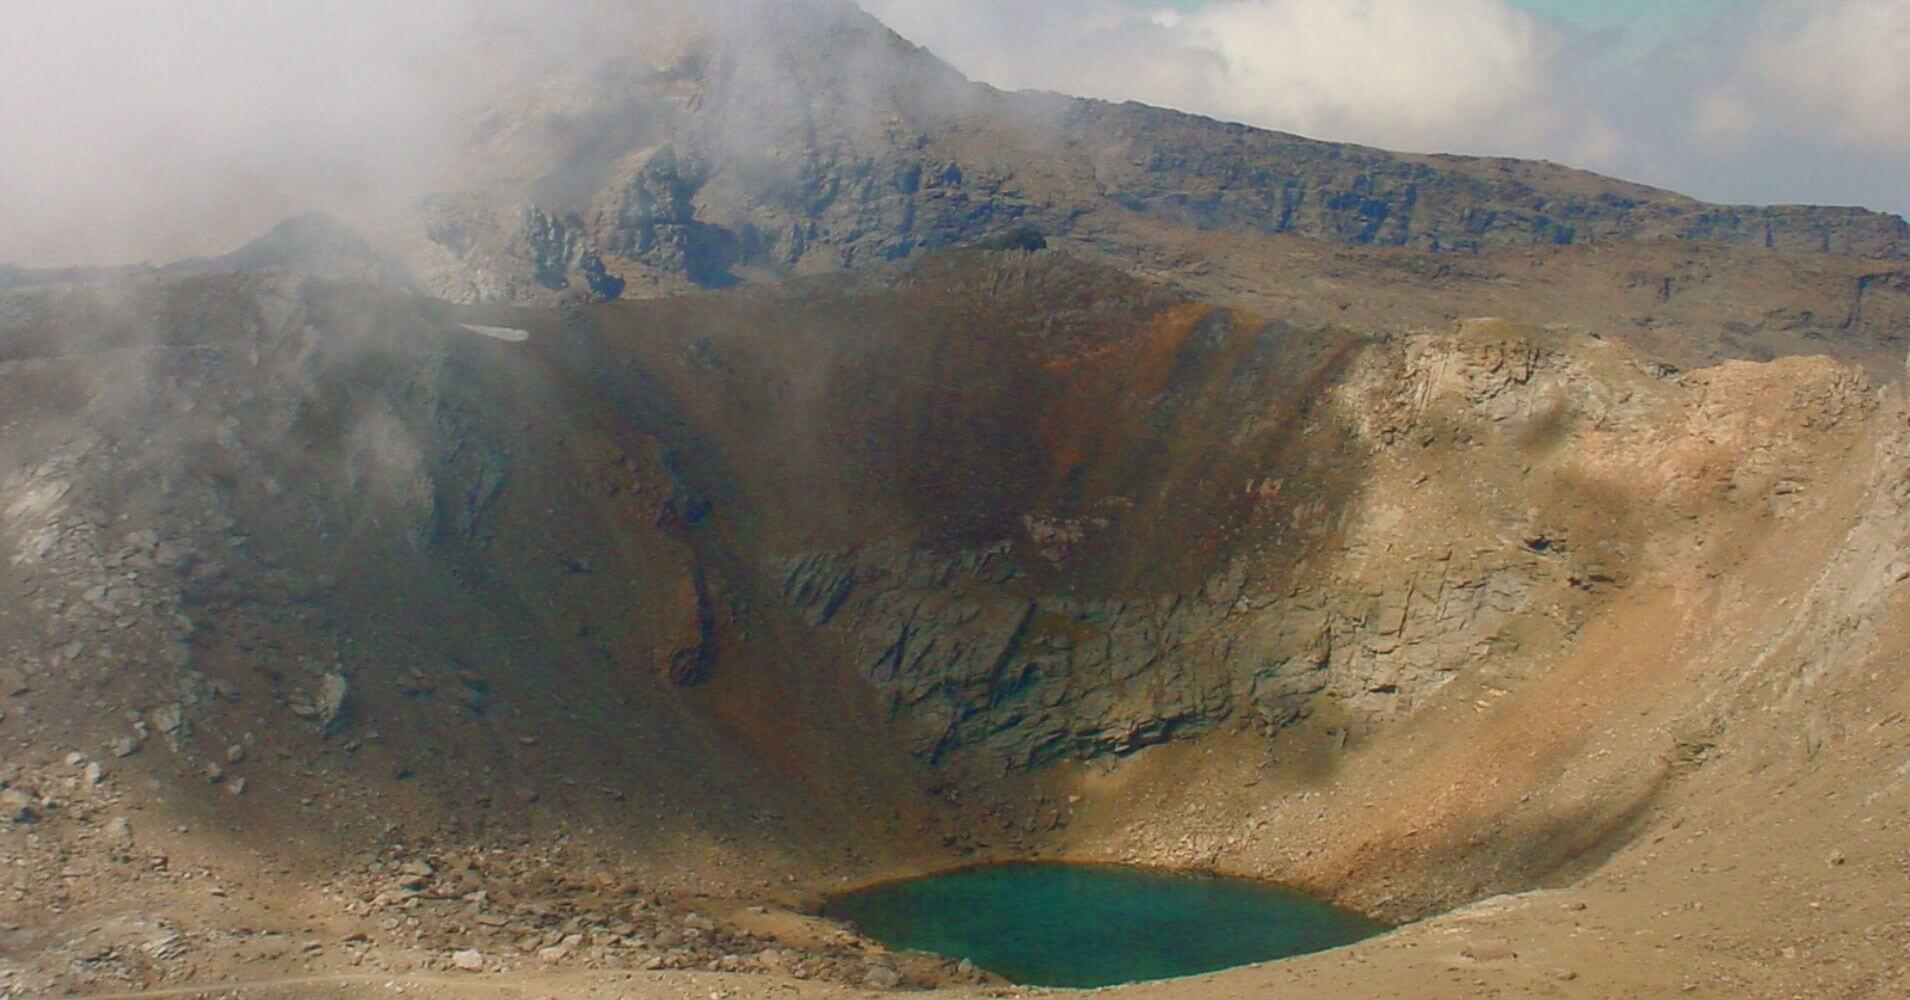 Laguna de la Caldera desde El Pico Mulhacén. Parque Nacional de Sierra Nevada, Granada. Andalucía.